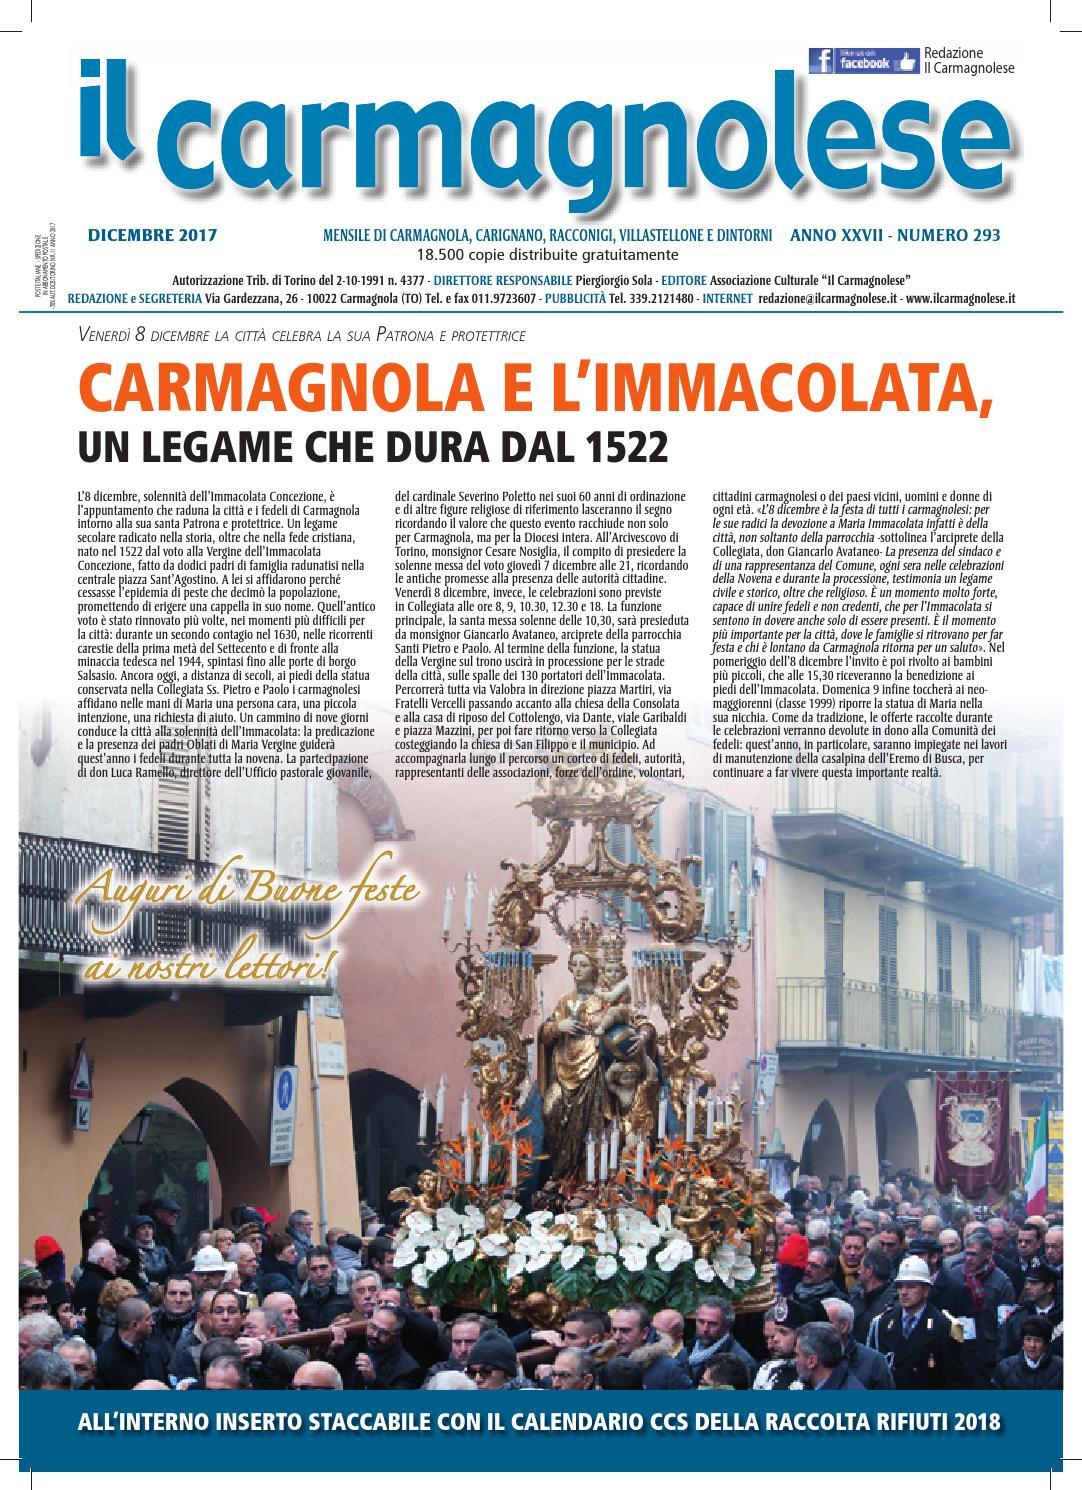 Il Carmagnolese Dicembre 2017 by Redazione Il Carmagnolese - issuu 763d90a88126